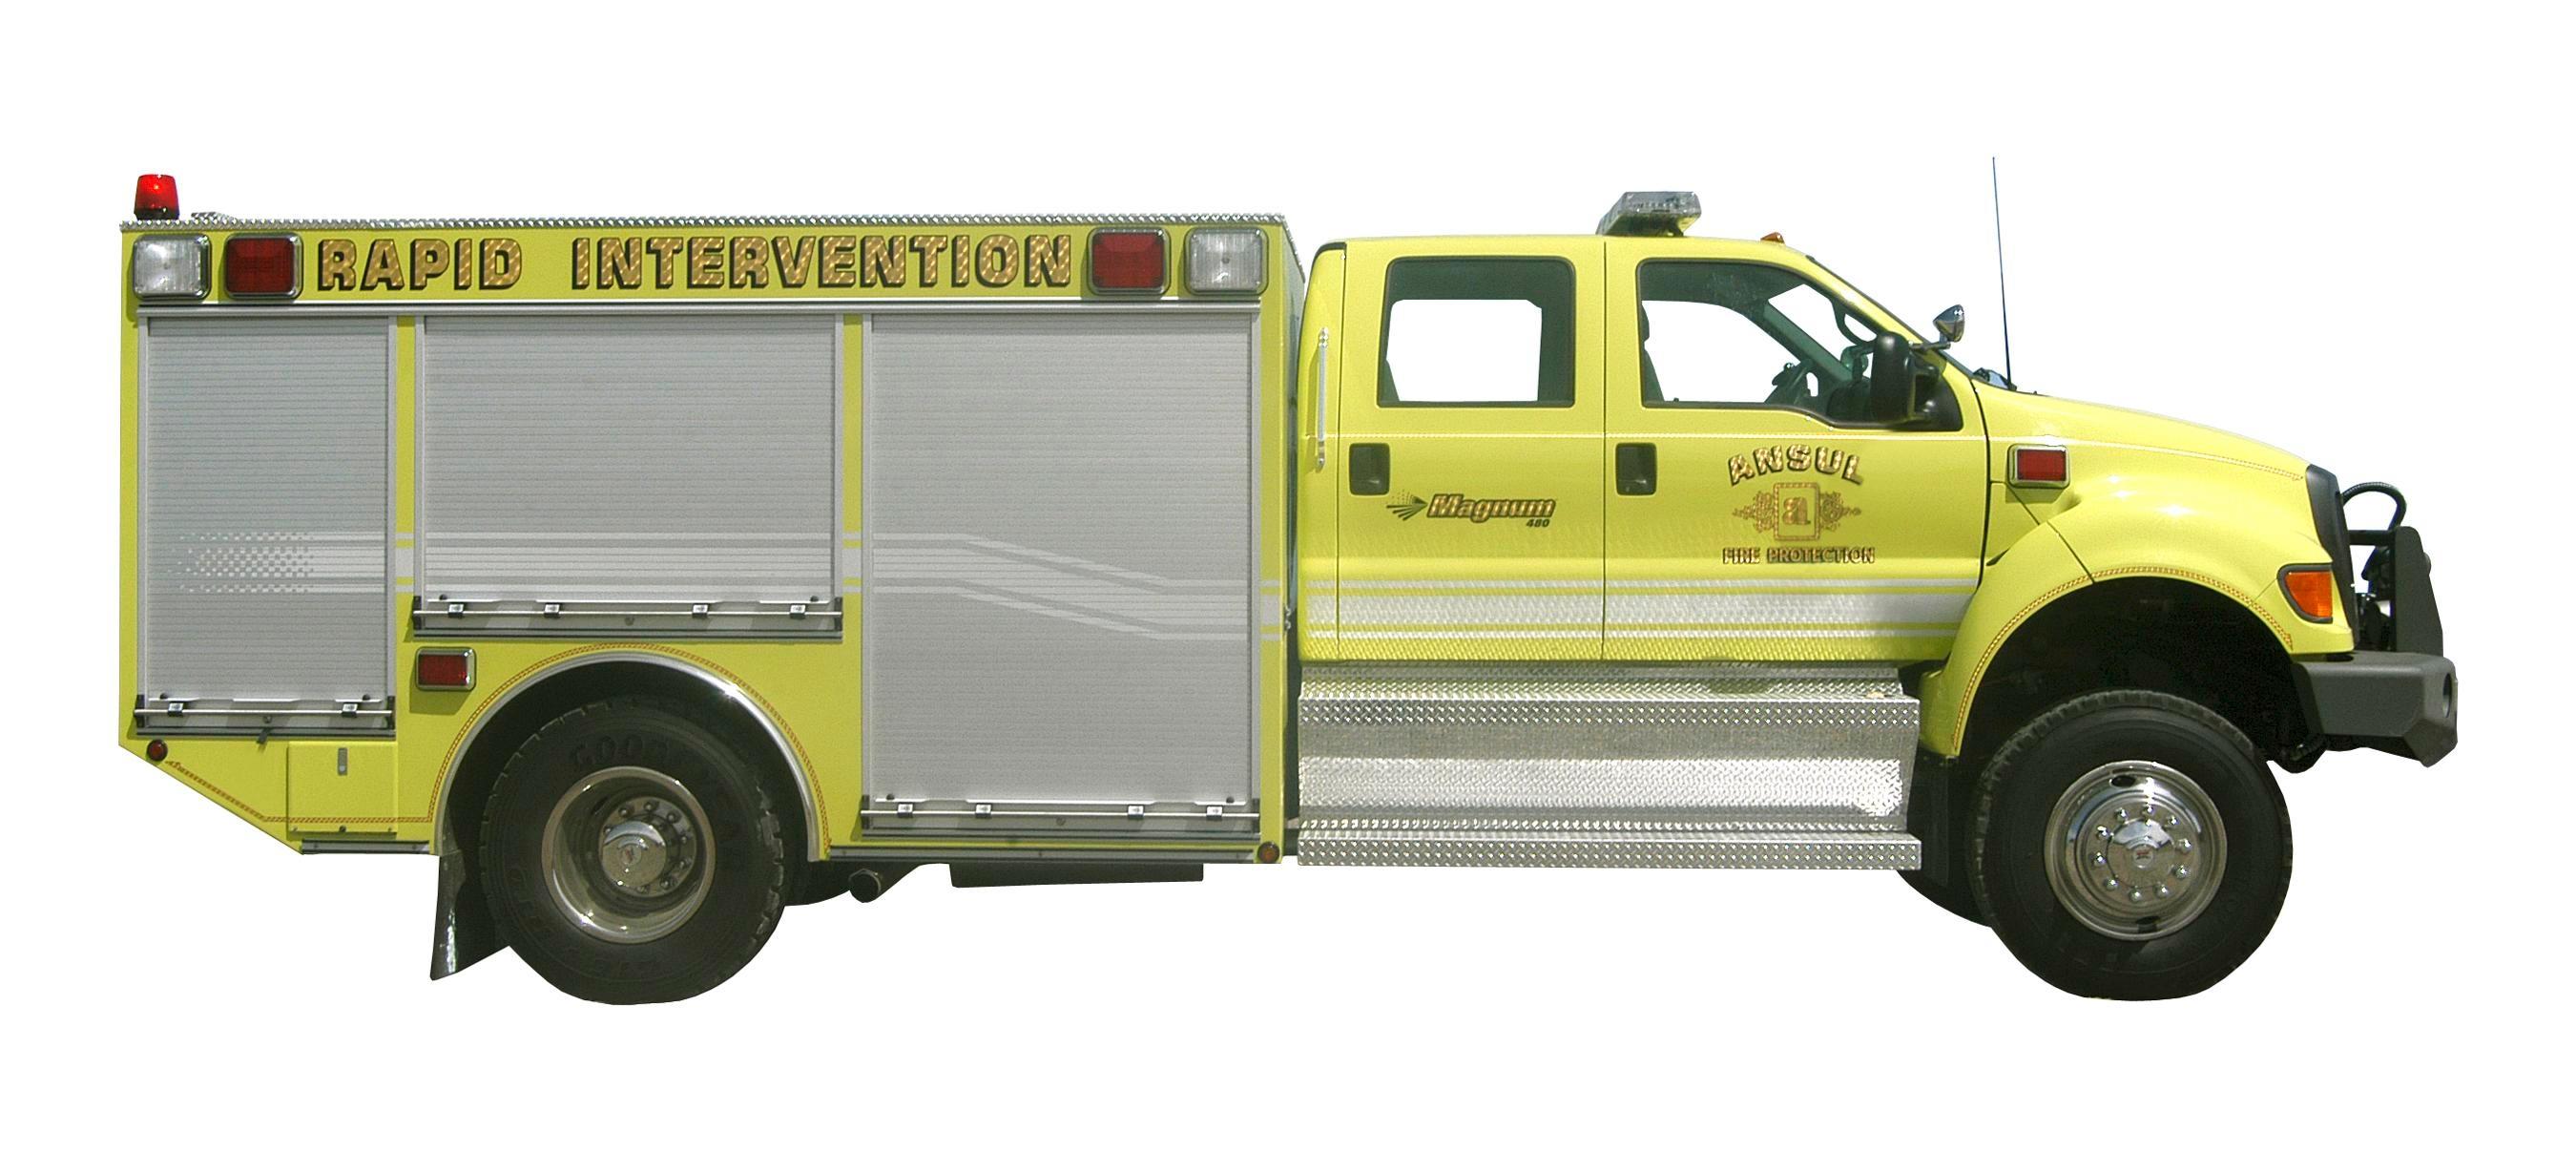 Hawkeye Fire & Safety